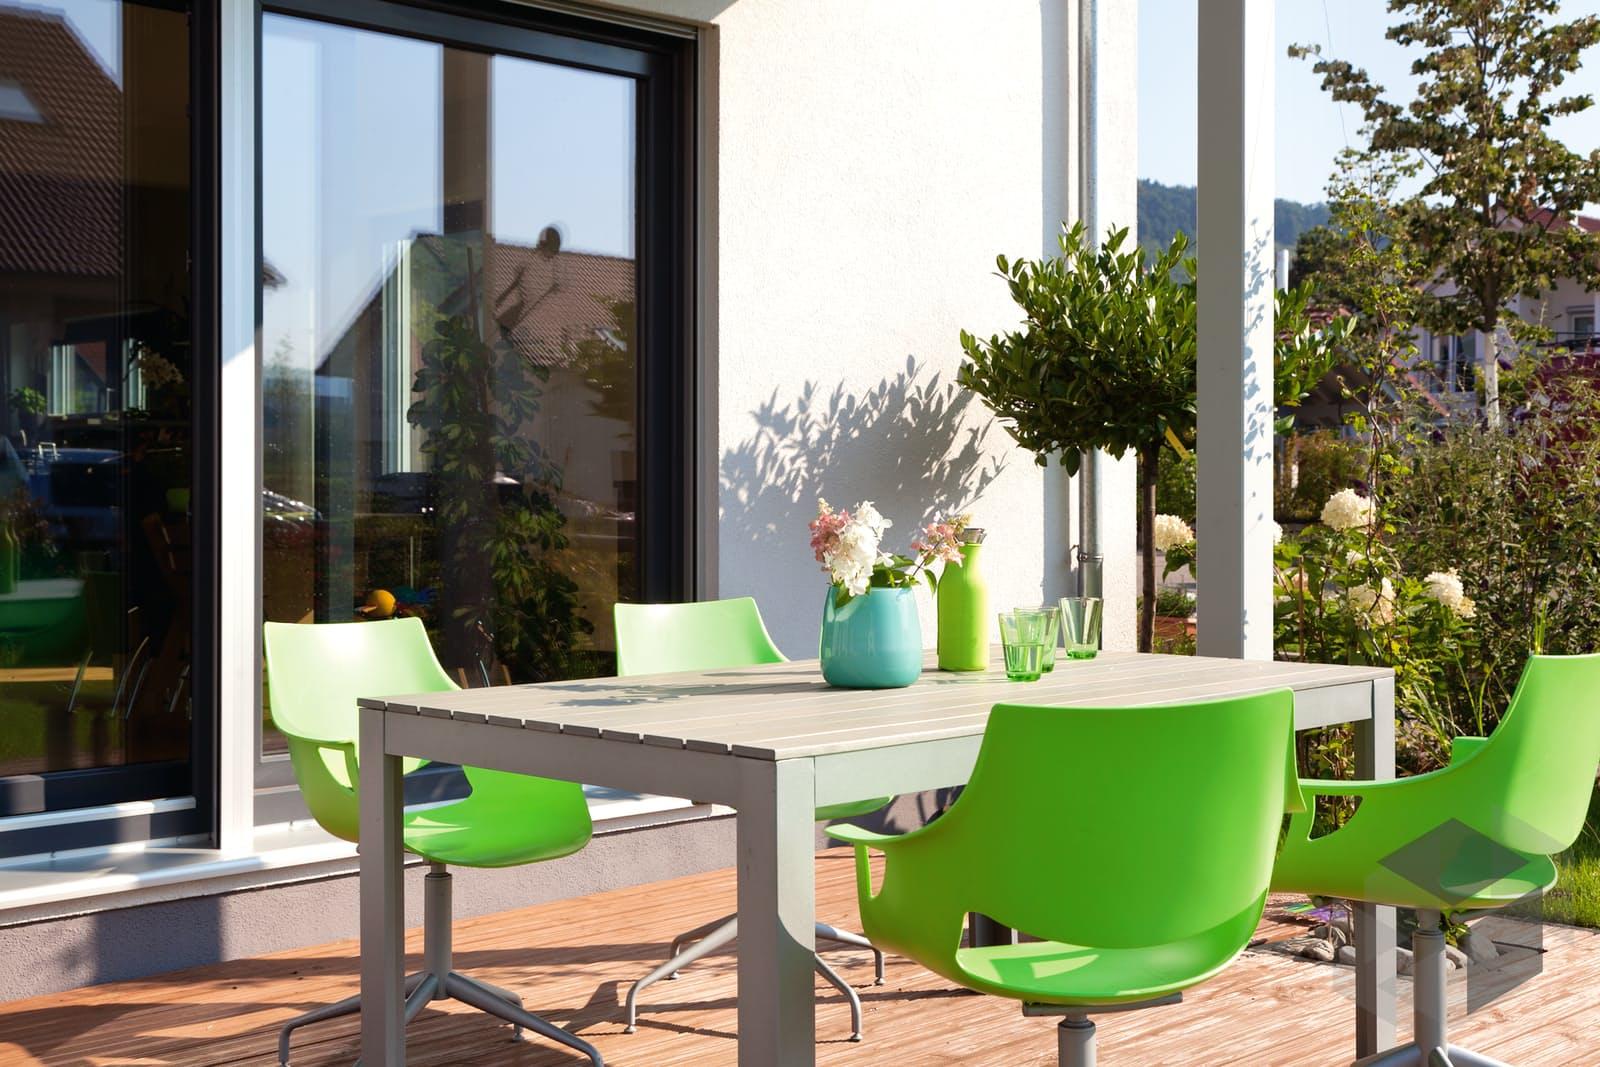 d 15 161 1 inactive von schw rerhaus komplette daten bersicht. Black Bedroom Furniture Sets. Home Design Ideas